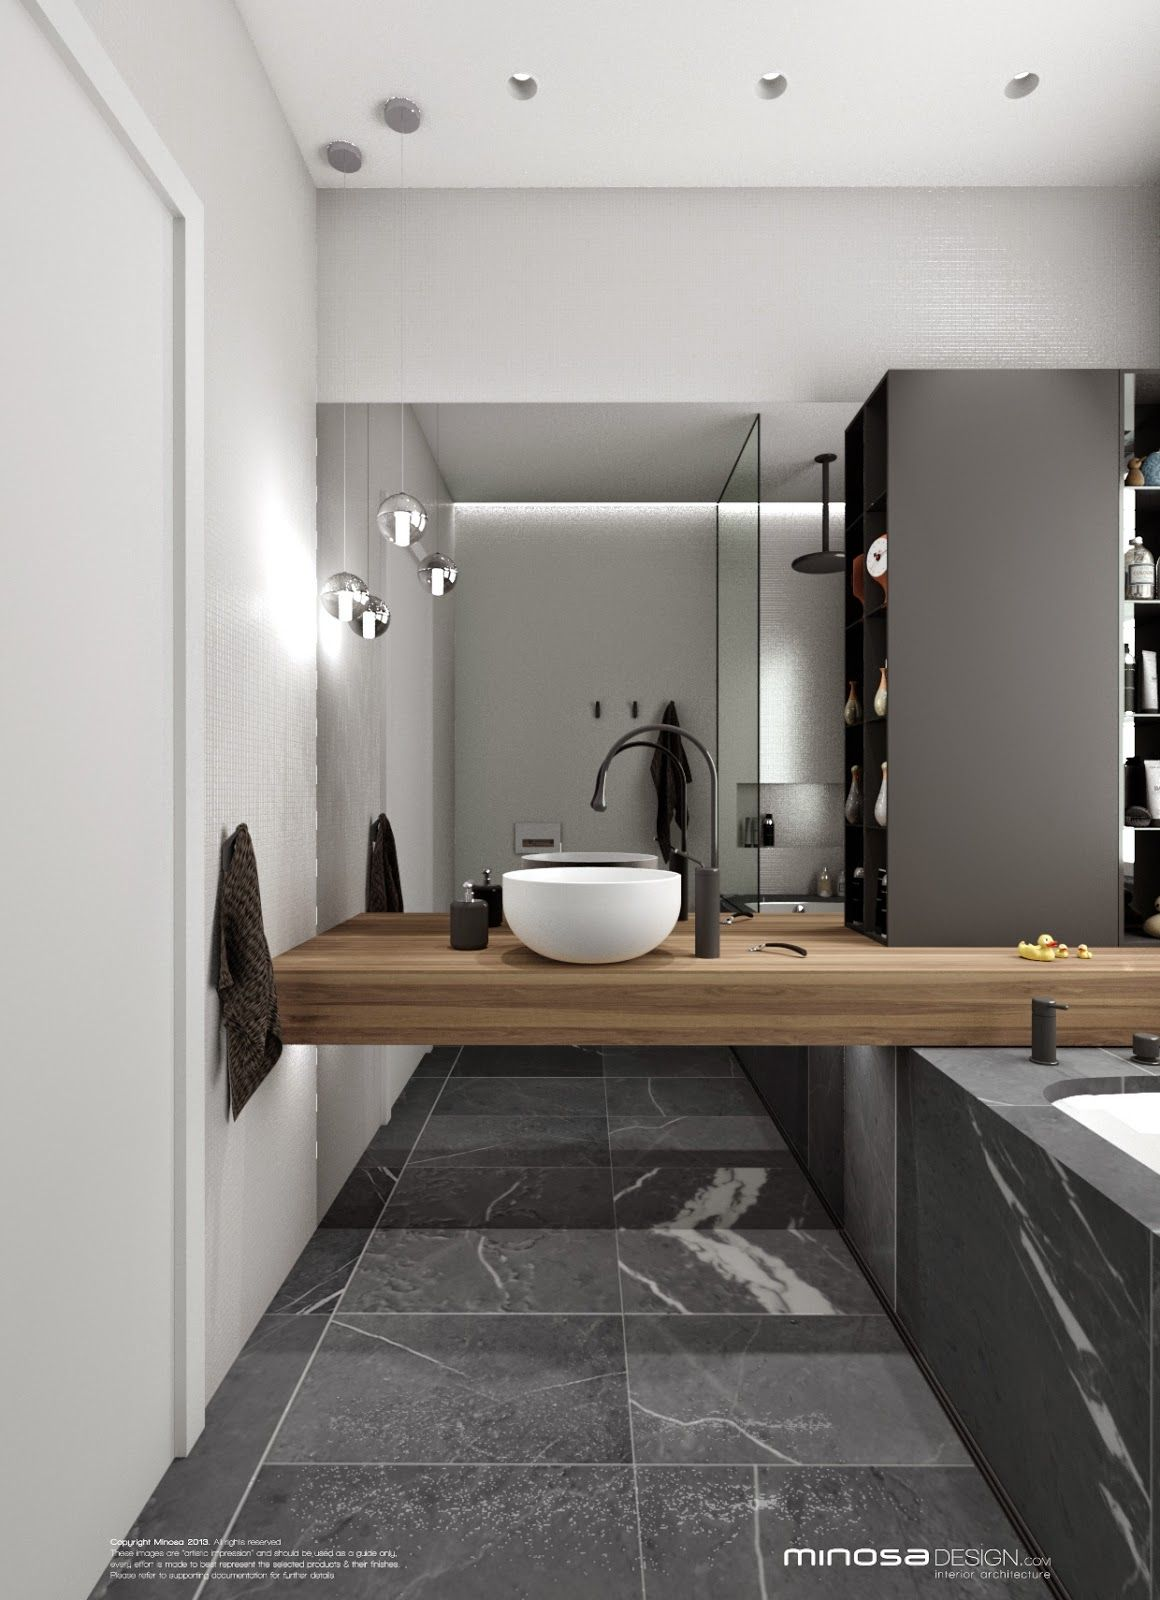 Guest bathroom downstairs design minosa design bathroom - Bathroom designs for small spaces ...